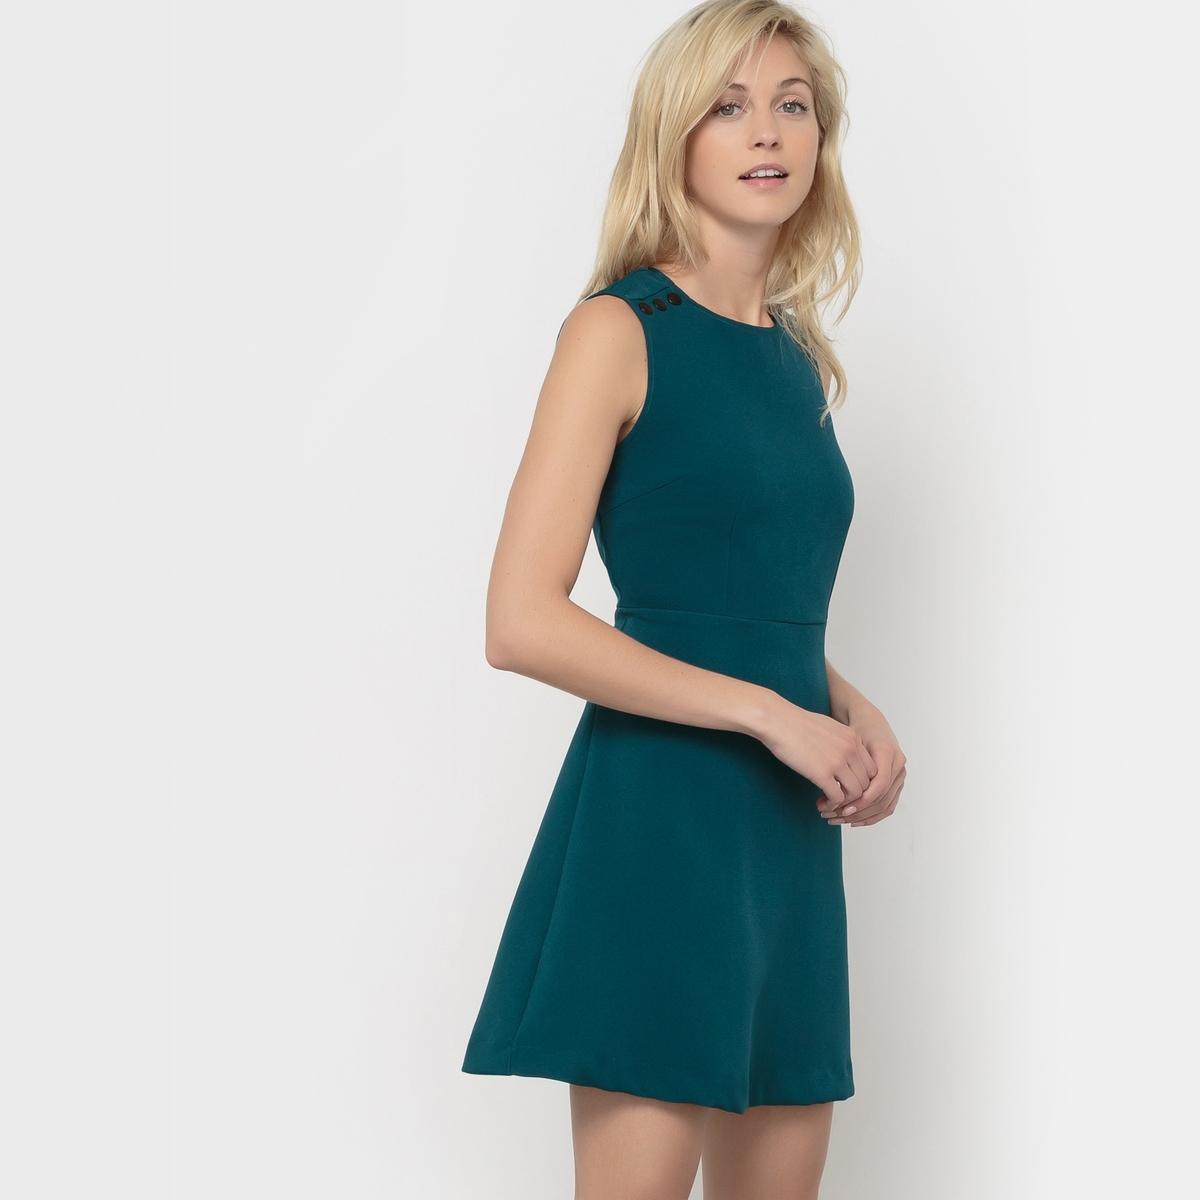 Платье без рукавовСостав и описание     Материал        96% полиэстера, 4% эластана     Марка        VERO MODA<br><br>Цвет: сине-зеленый,черный<br>Размер: L